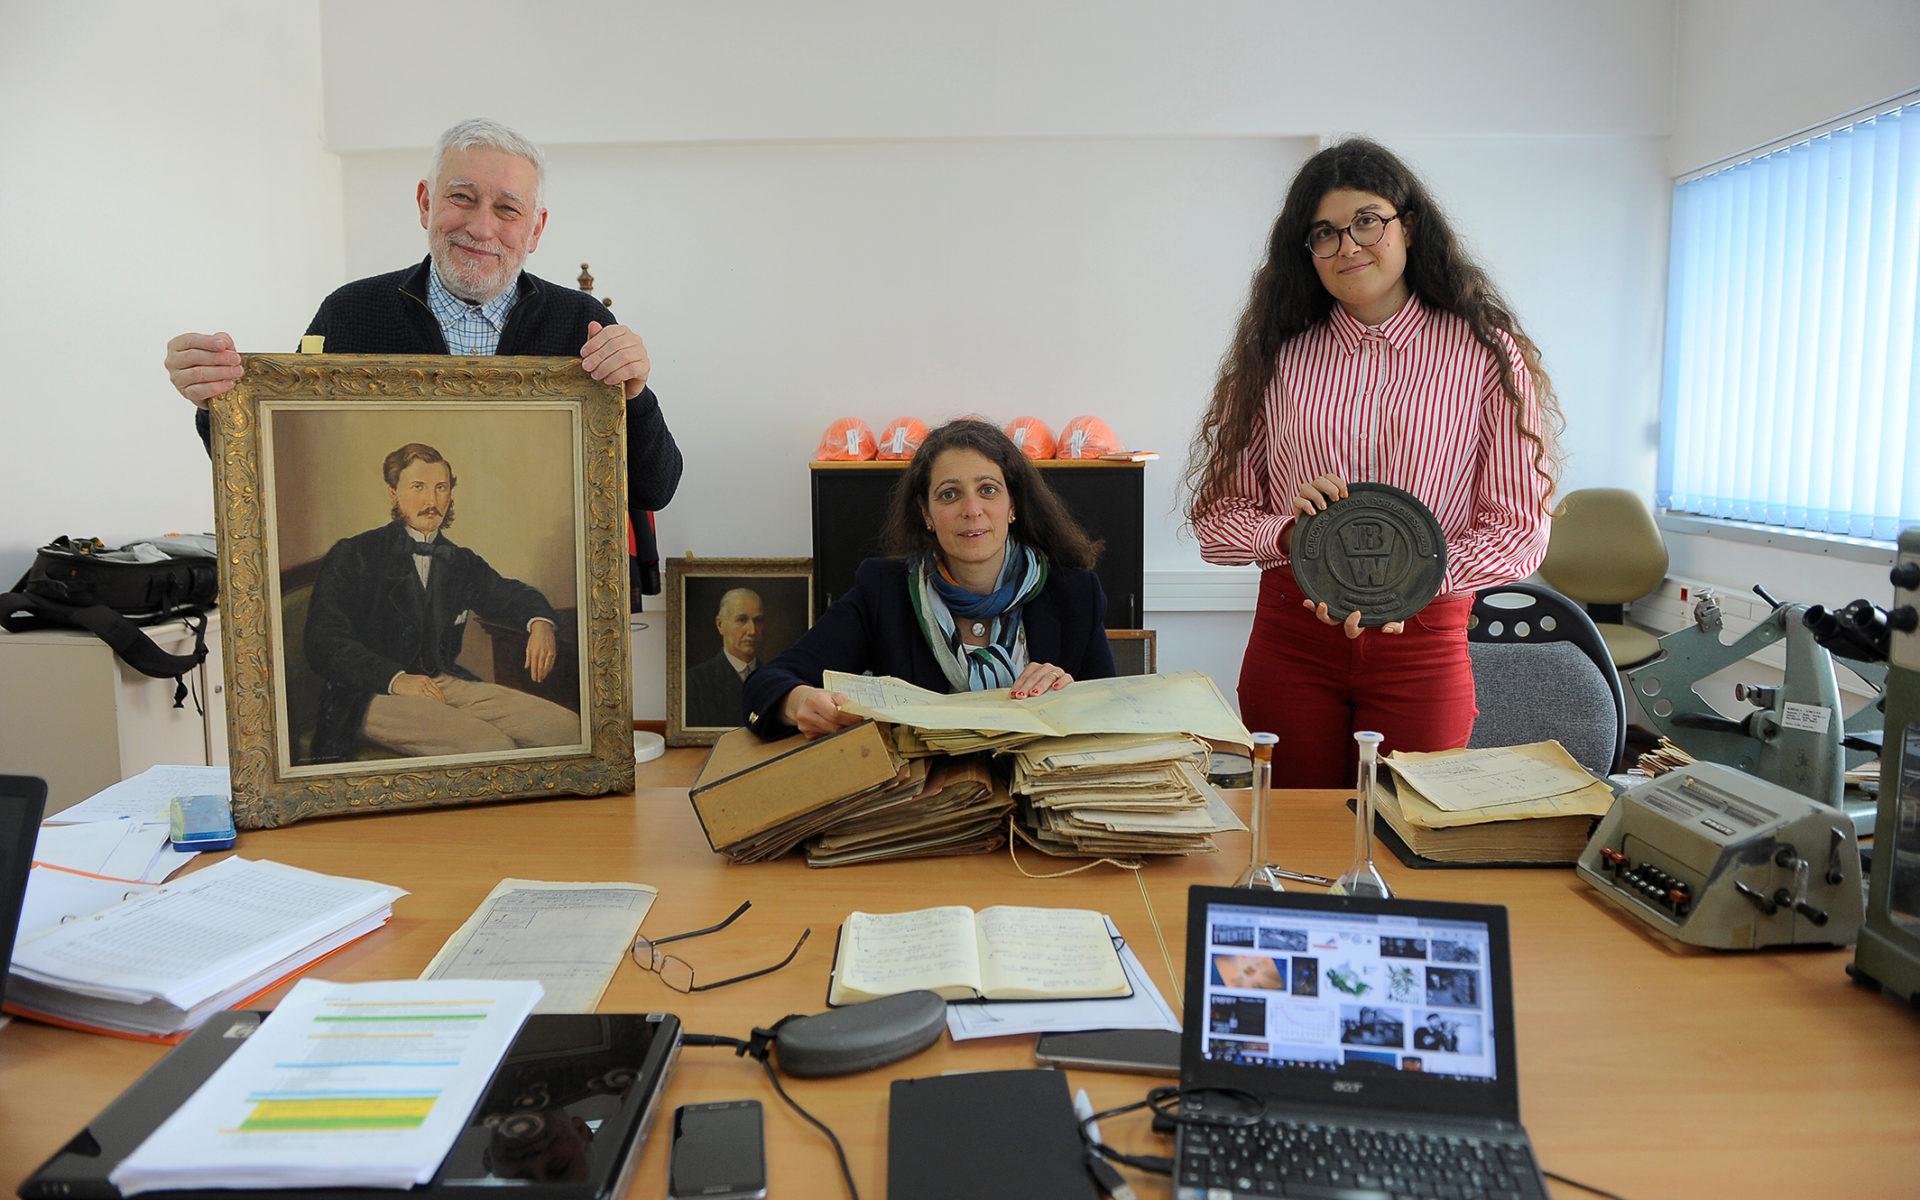 Jorge Custódio, Sofia Costa Macedo e Susana Pacheco, a equipa de arqueólogos industriais que analisaram a história da Caima